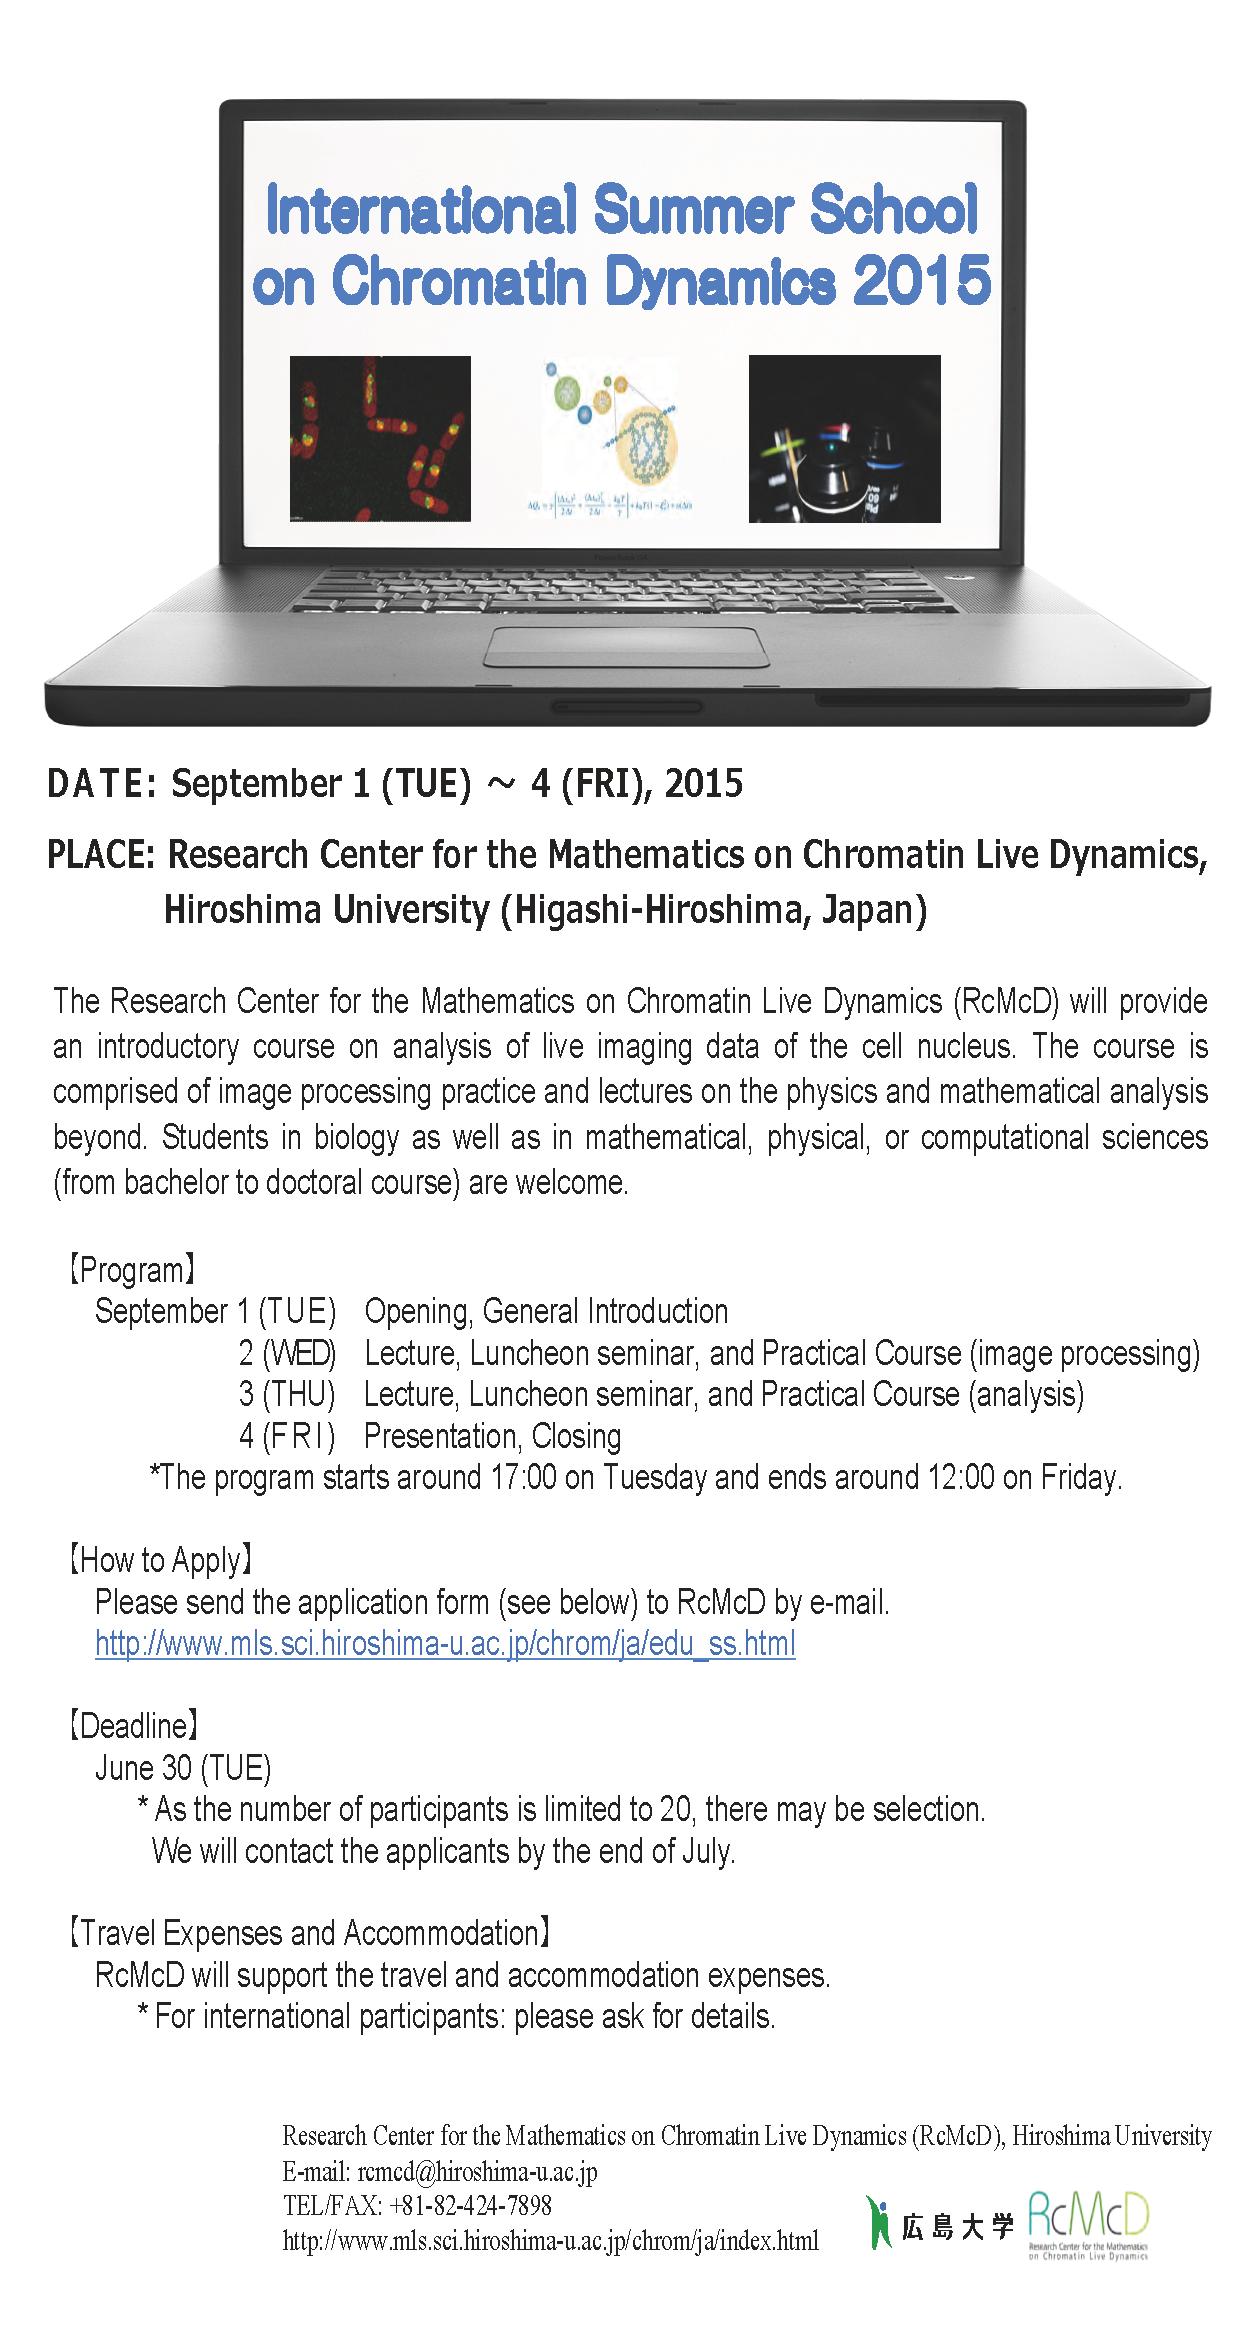 融合教育|核内クロマチン・ライブダイナミクスの数理研究拠点